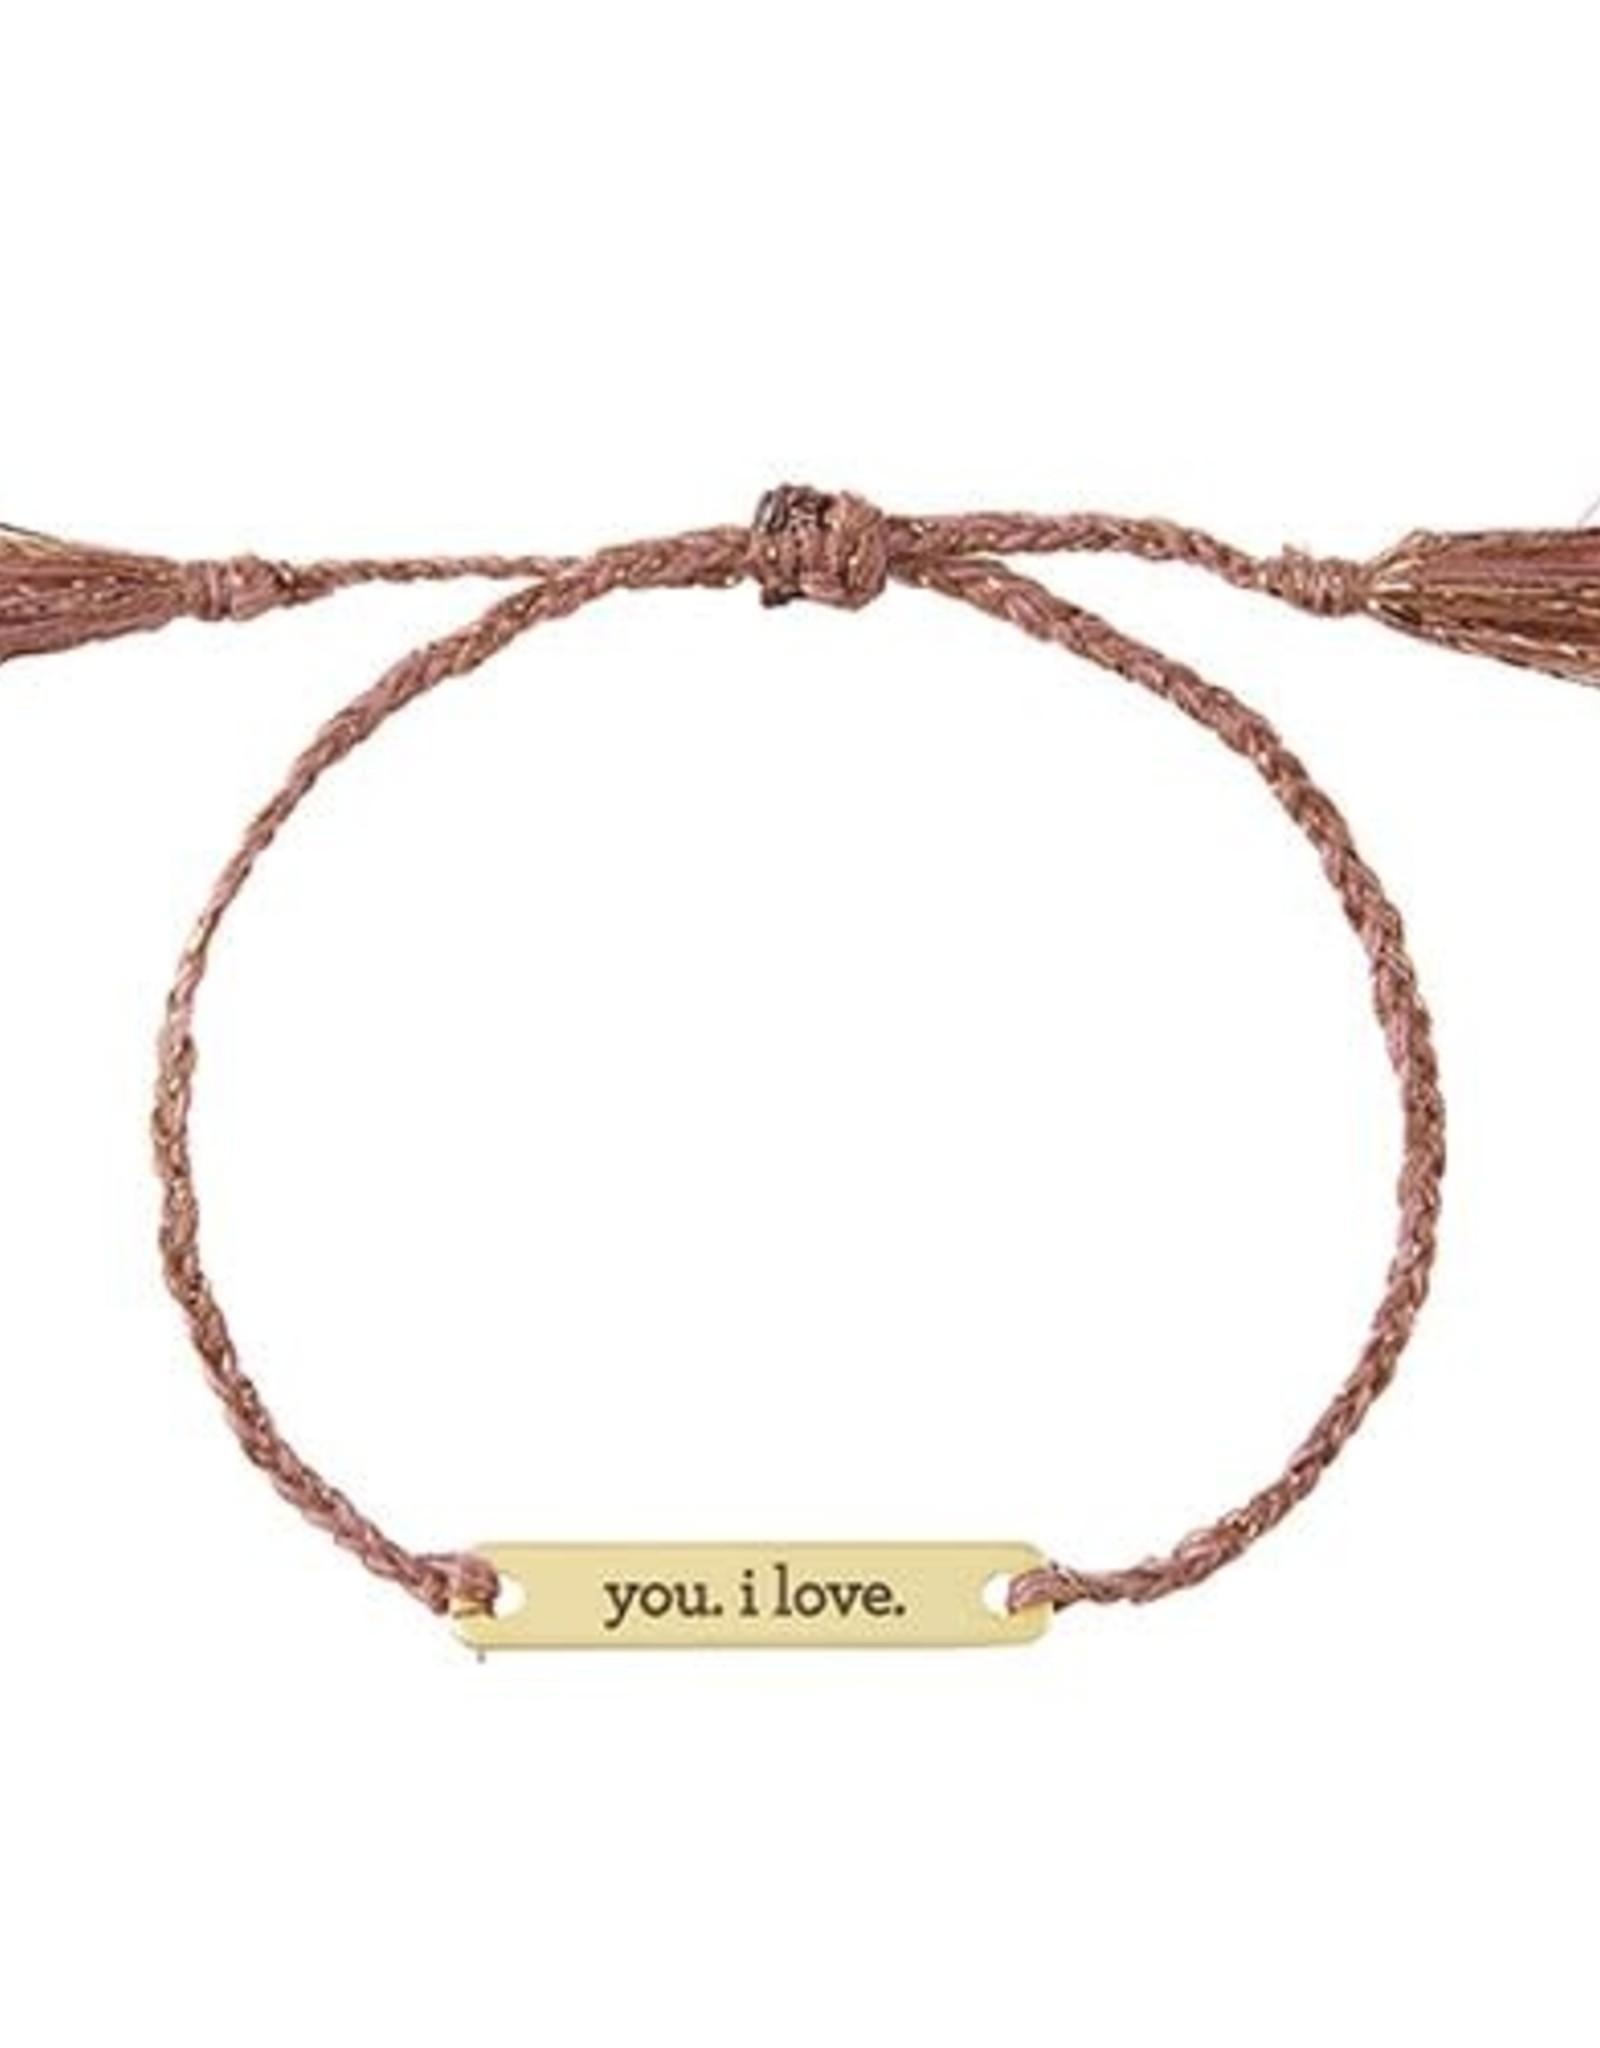 Santa Barbara Joy in a Jar | You, I love Bracelet